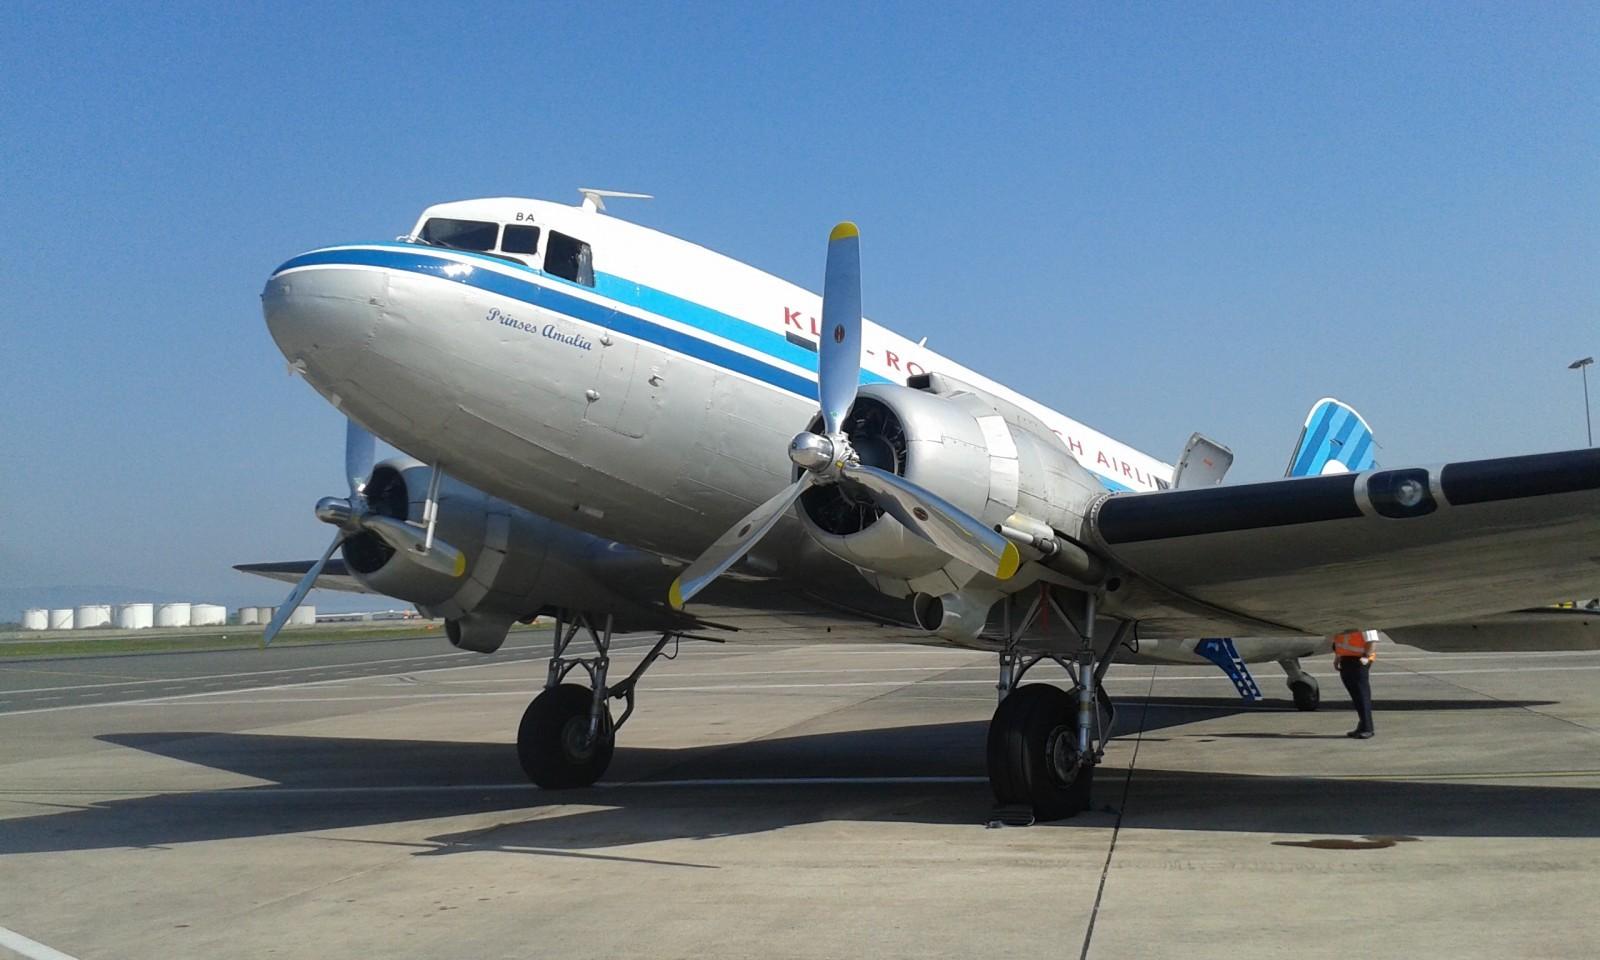 Dakota DC3 with KLM